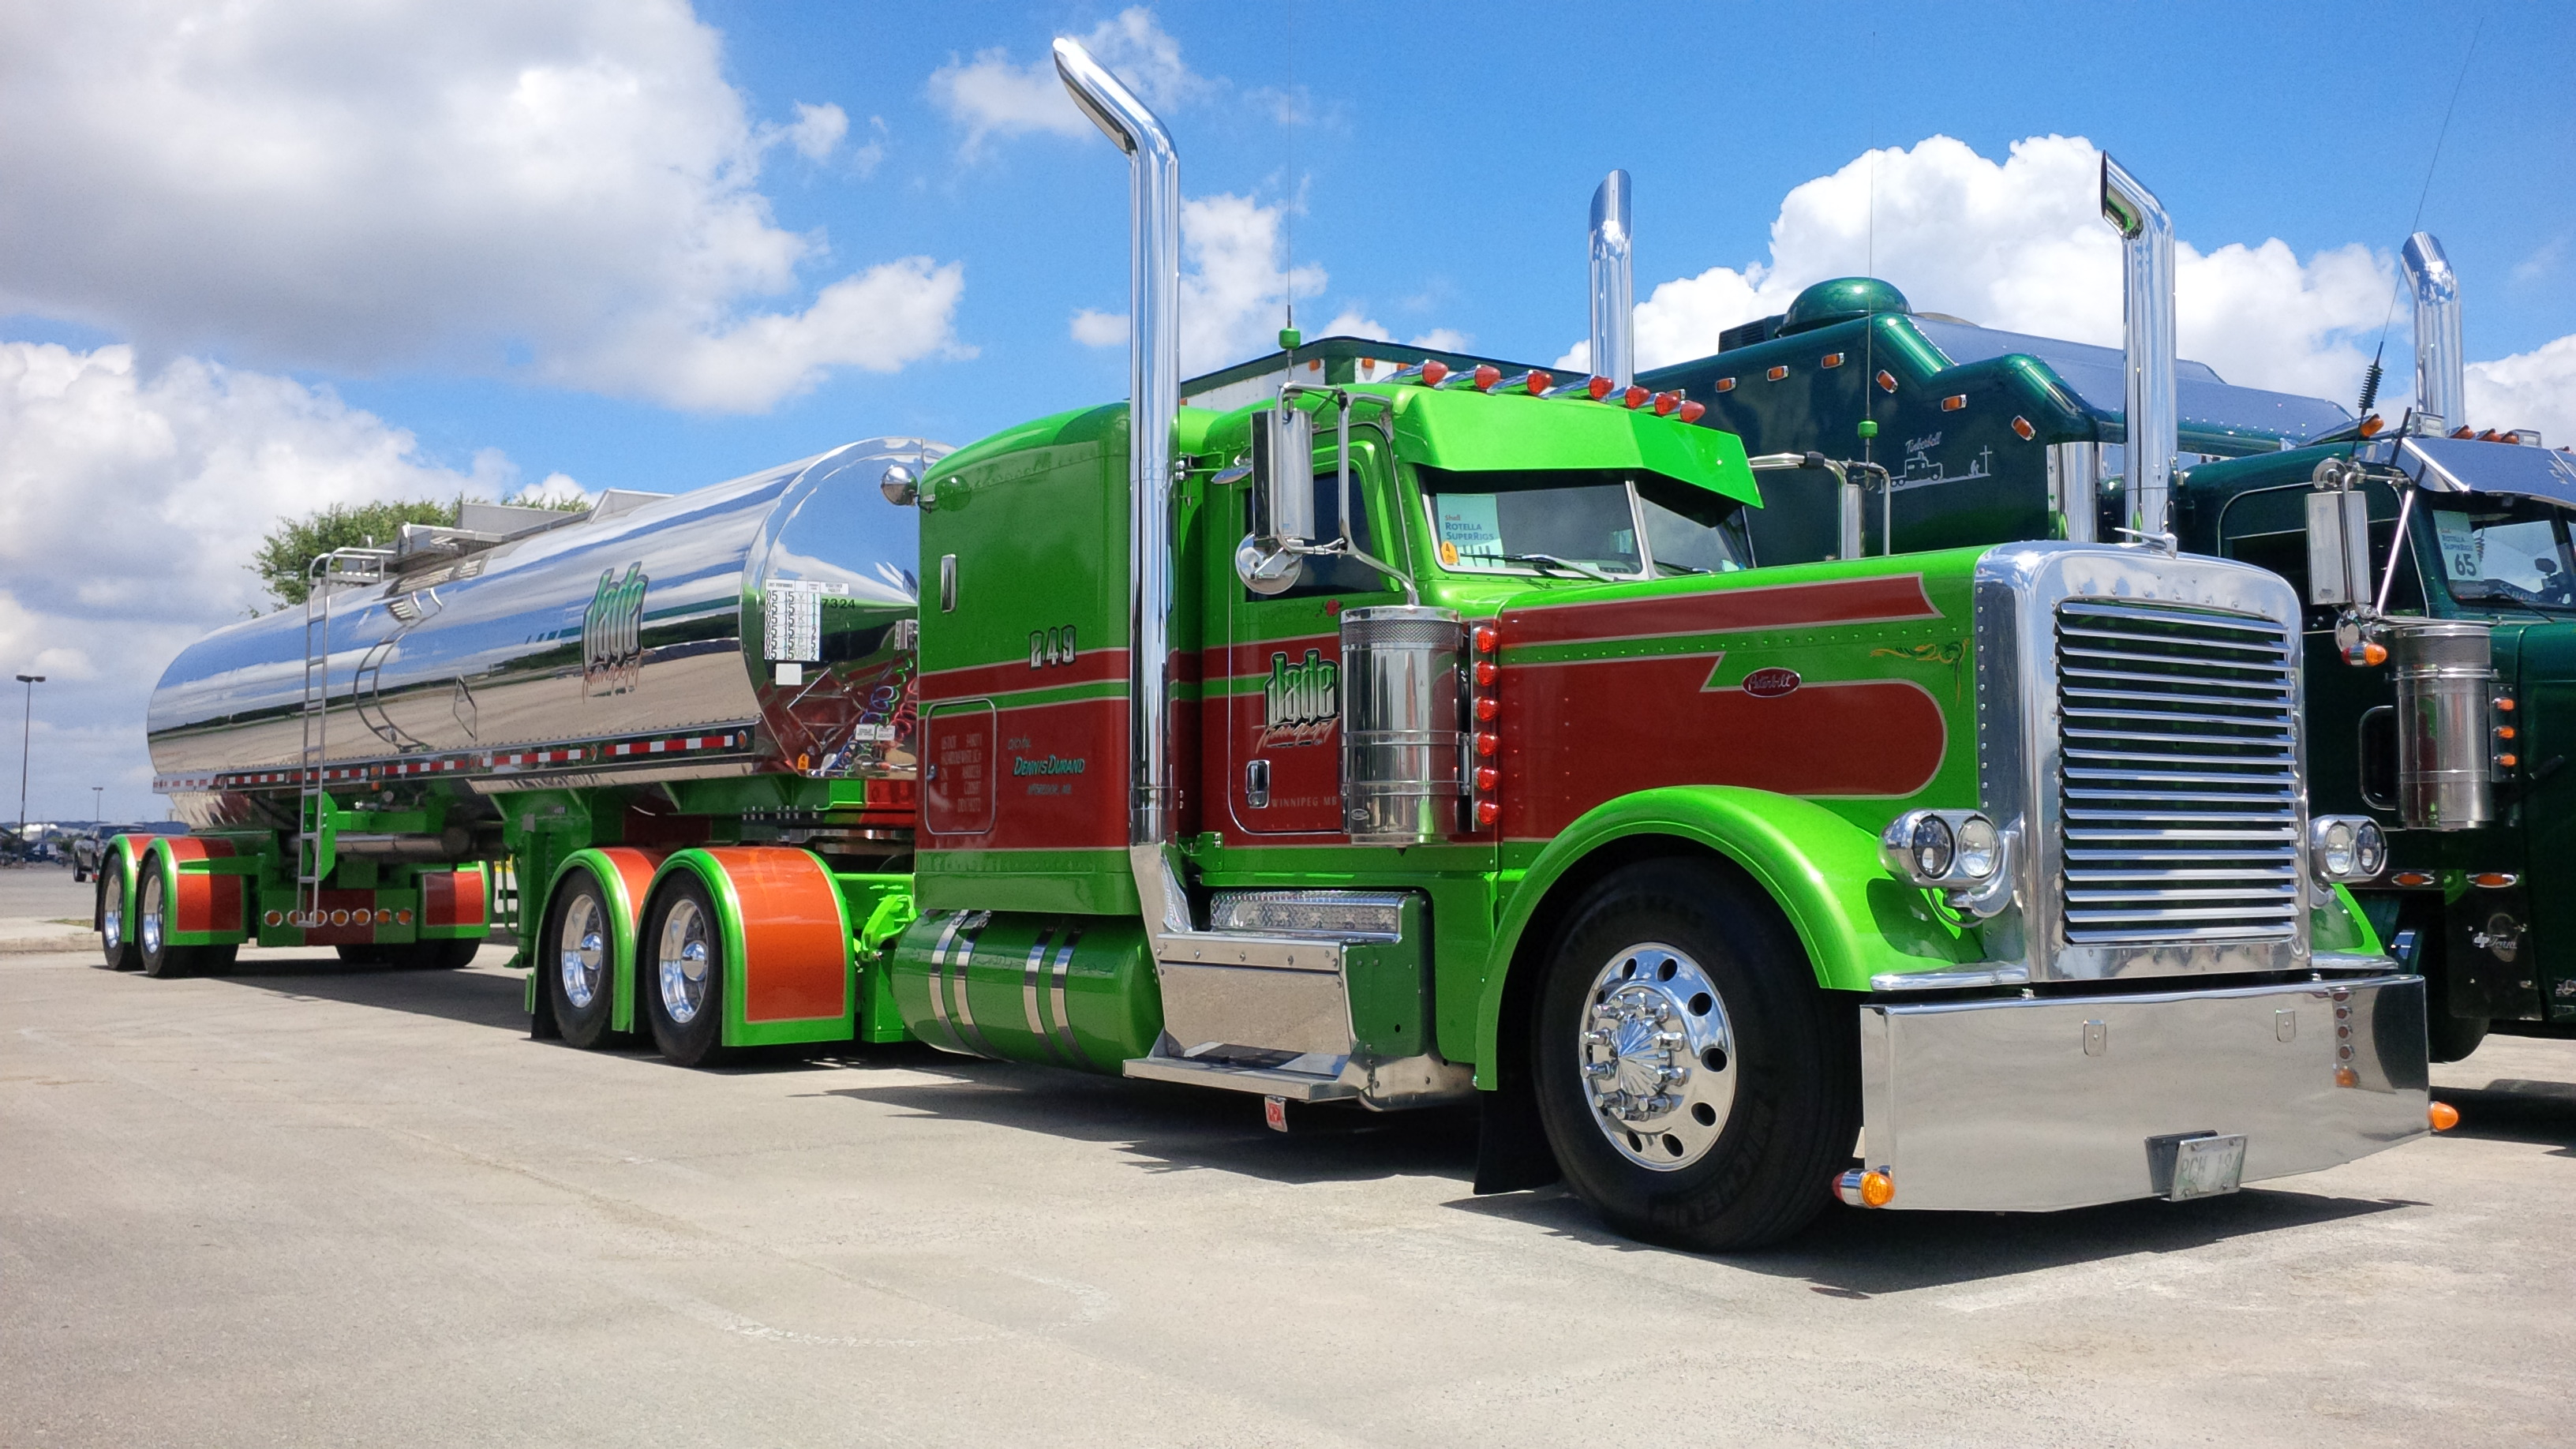 1985 Peterbilt 359 Wins Shell Superrigs Truck News